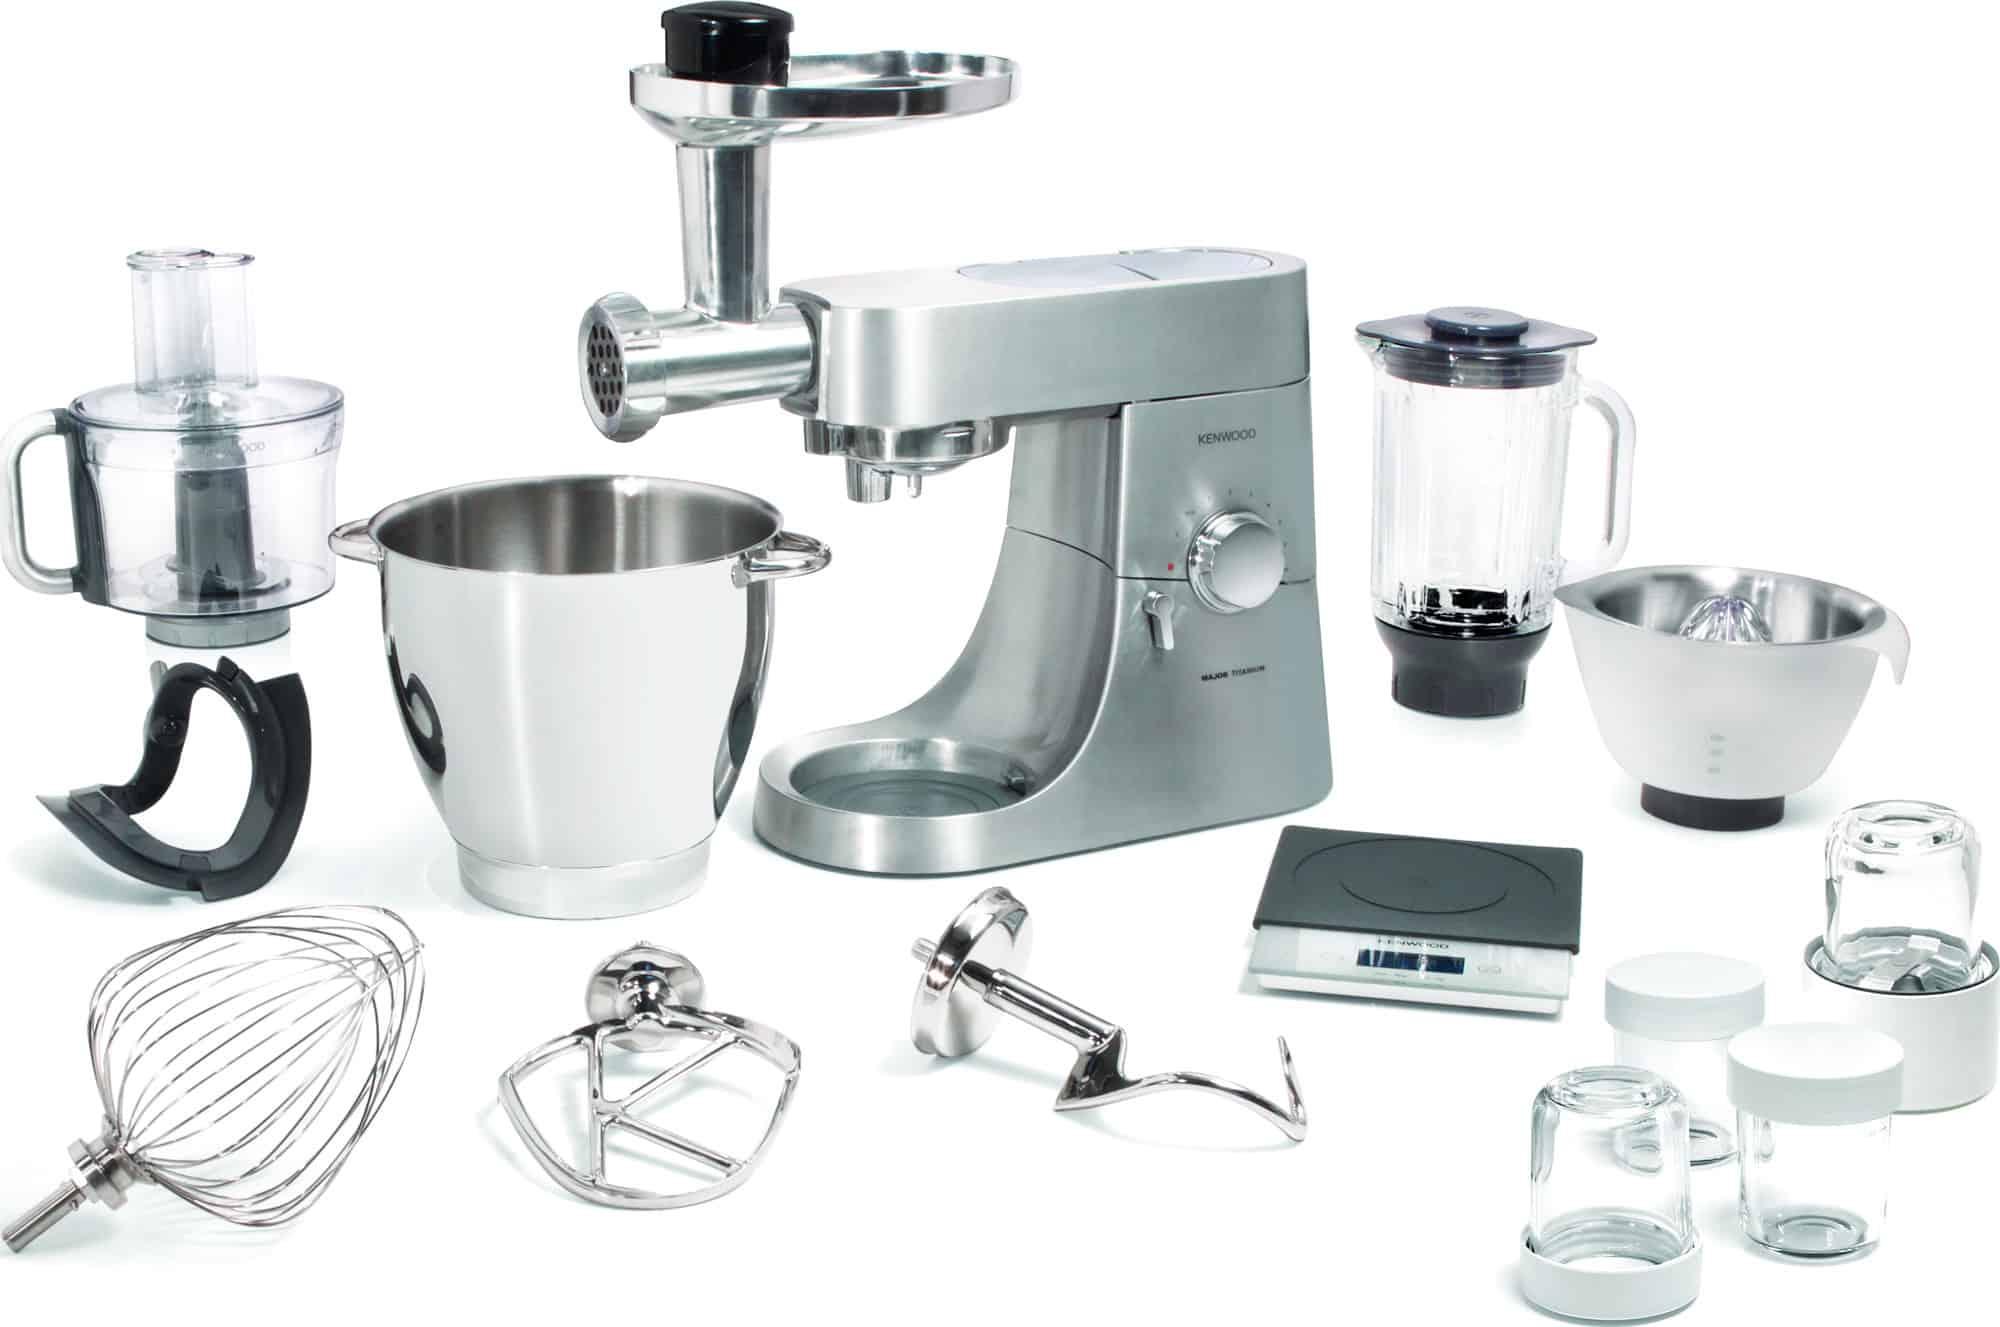 روبو متعدد الاستخدامات للطبخ